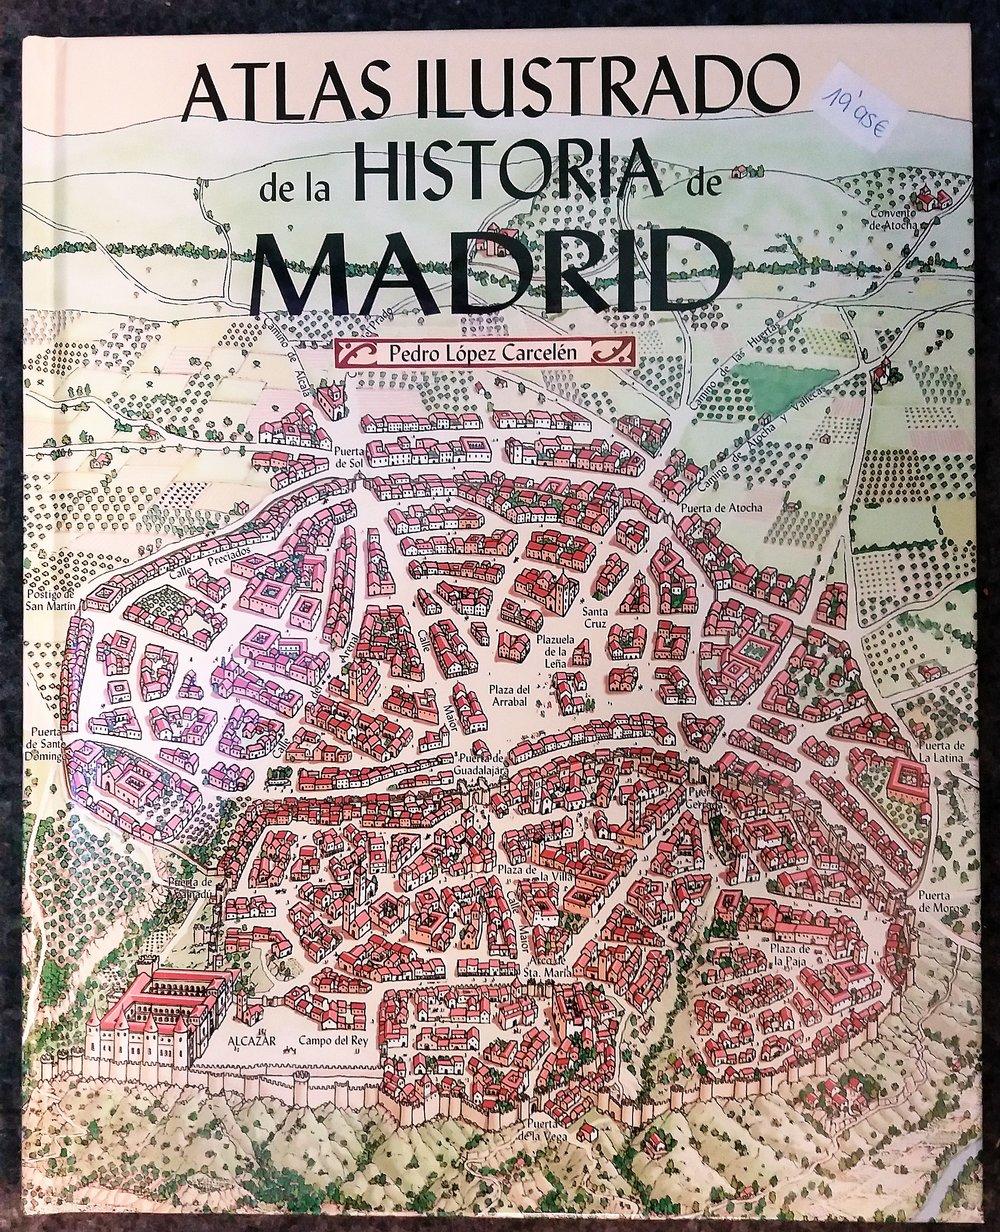 LÓPEZ CARCELÉN, Pedro. Atlas Ilustrado de la Historia de Madrid. Madrid: La Librería,2013.